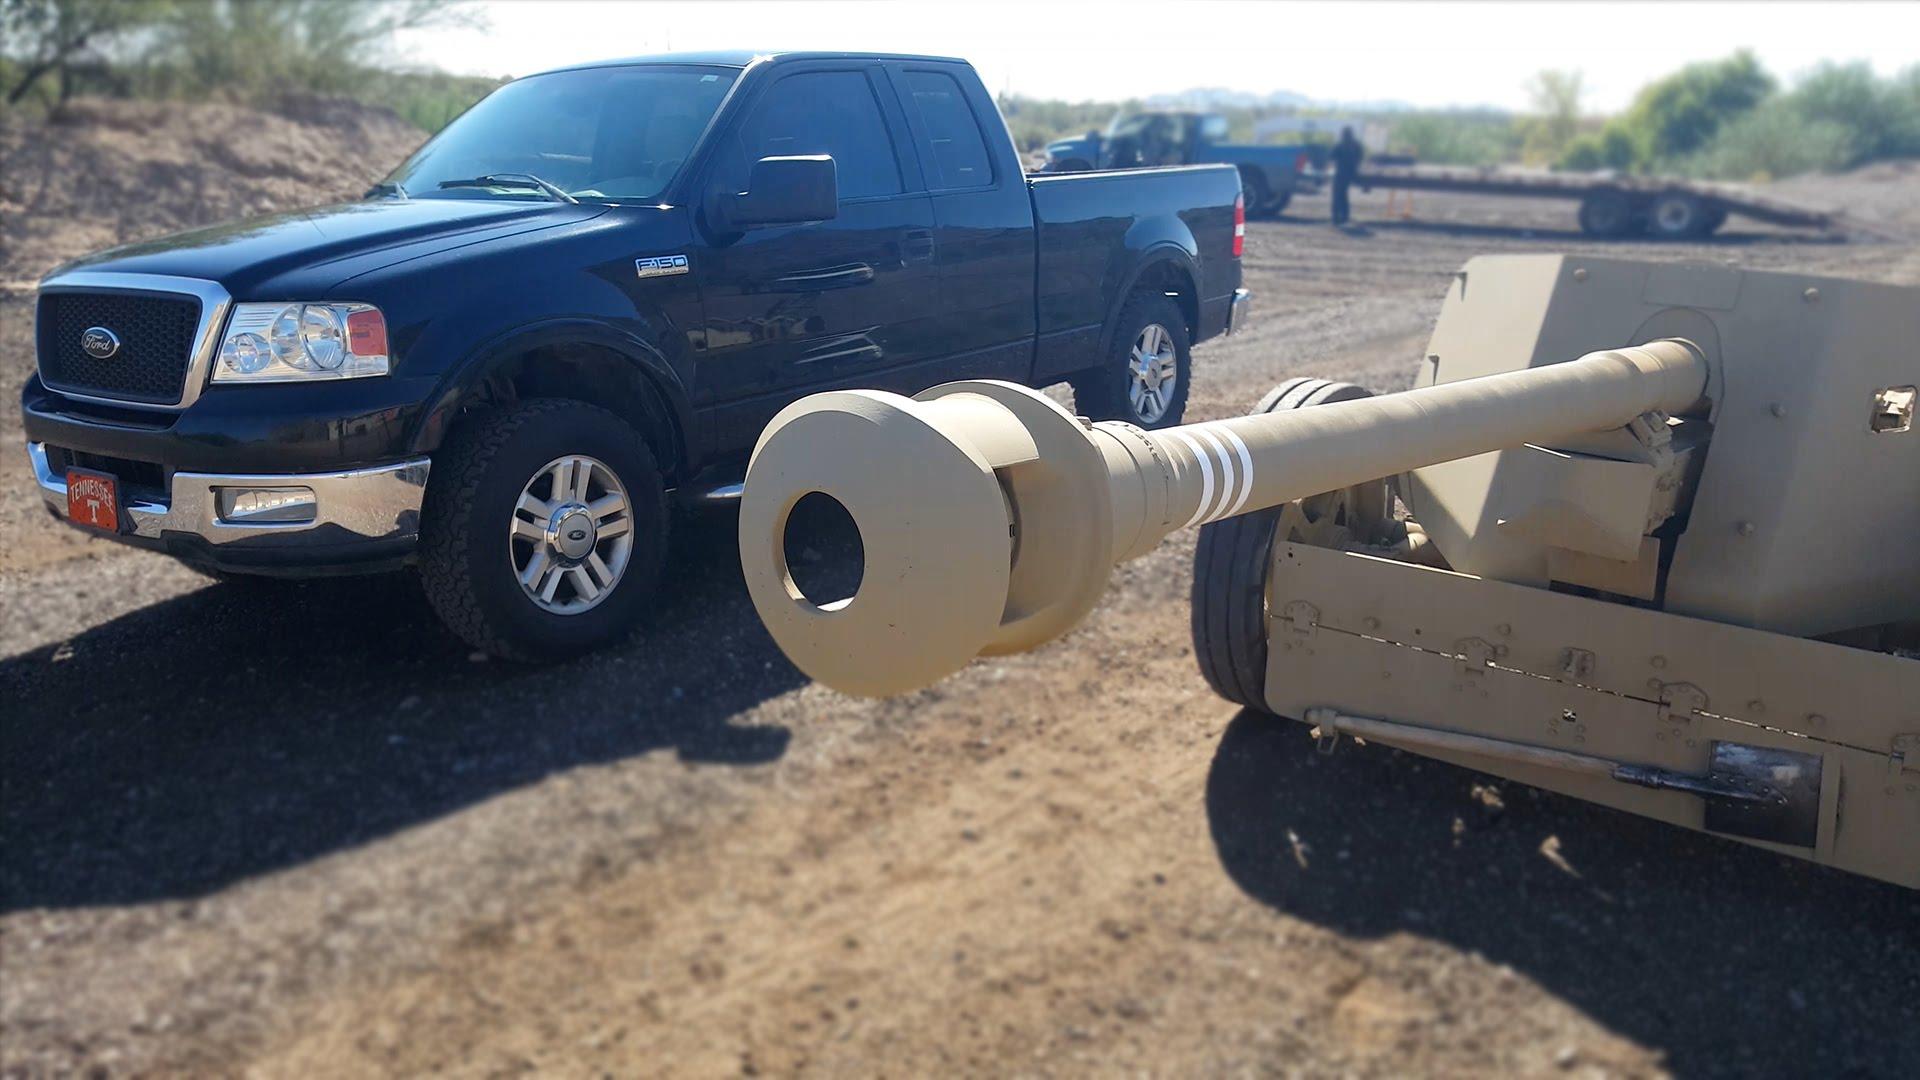 فيديو.. سيارة تتلقى قذيفة مدفعية إلا أنها لم تُدمر